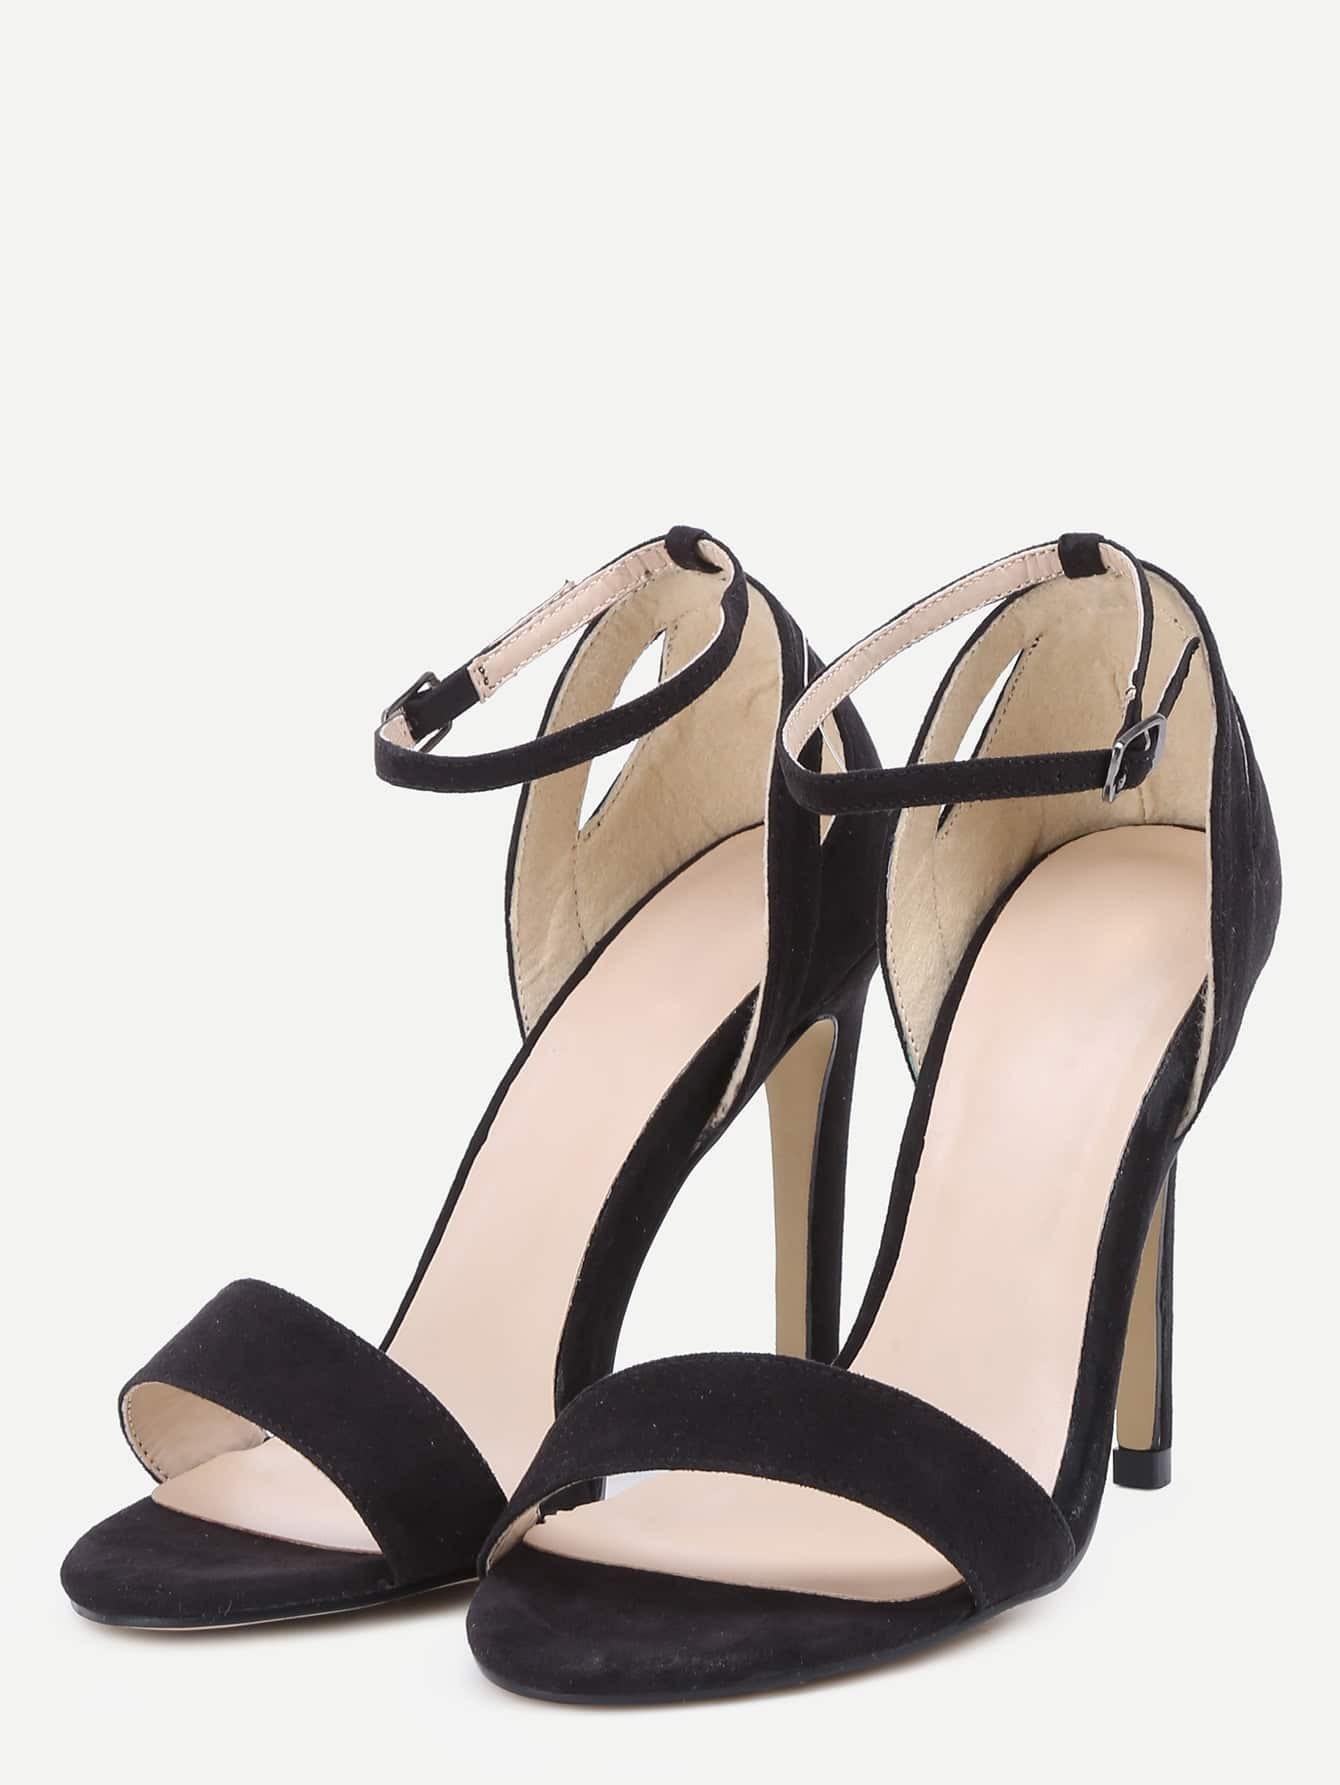 shoes16081716_2